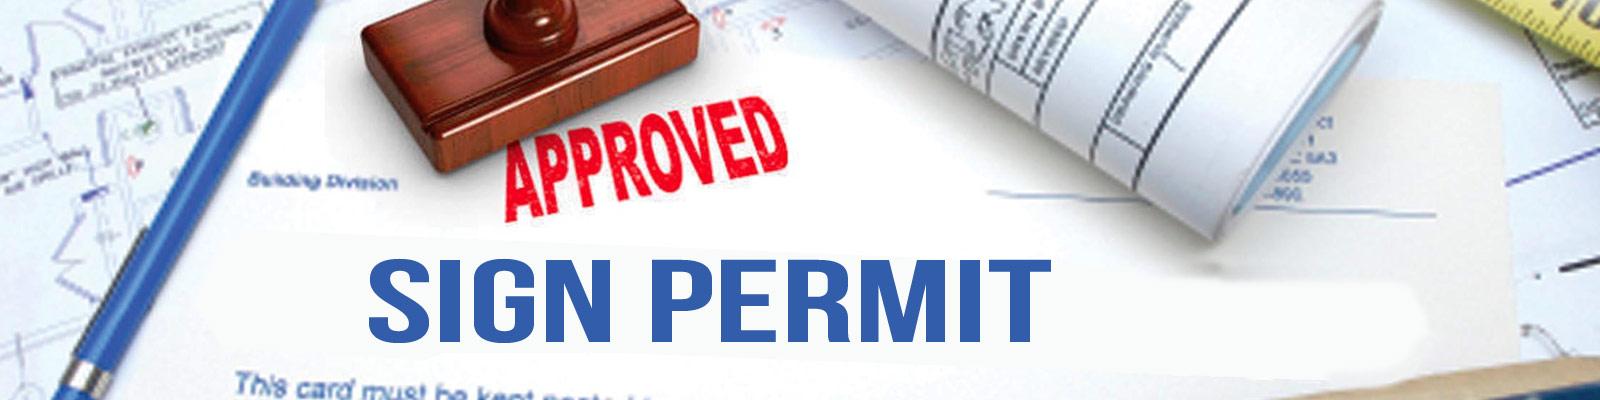 signpermit